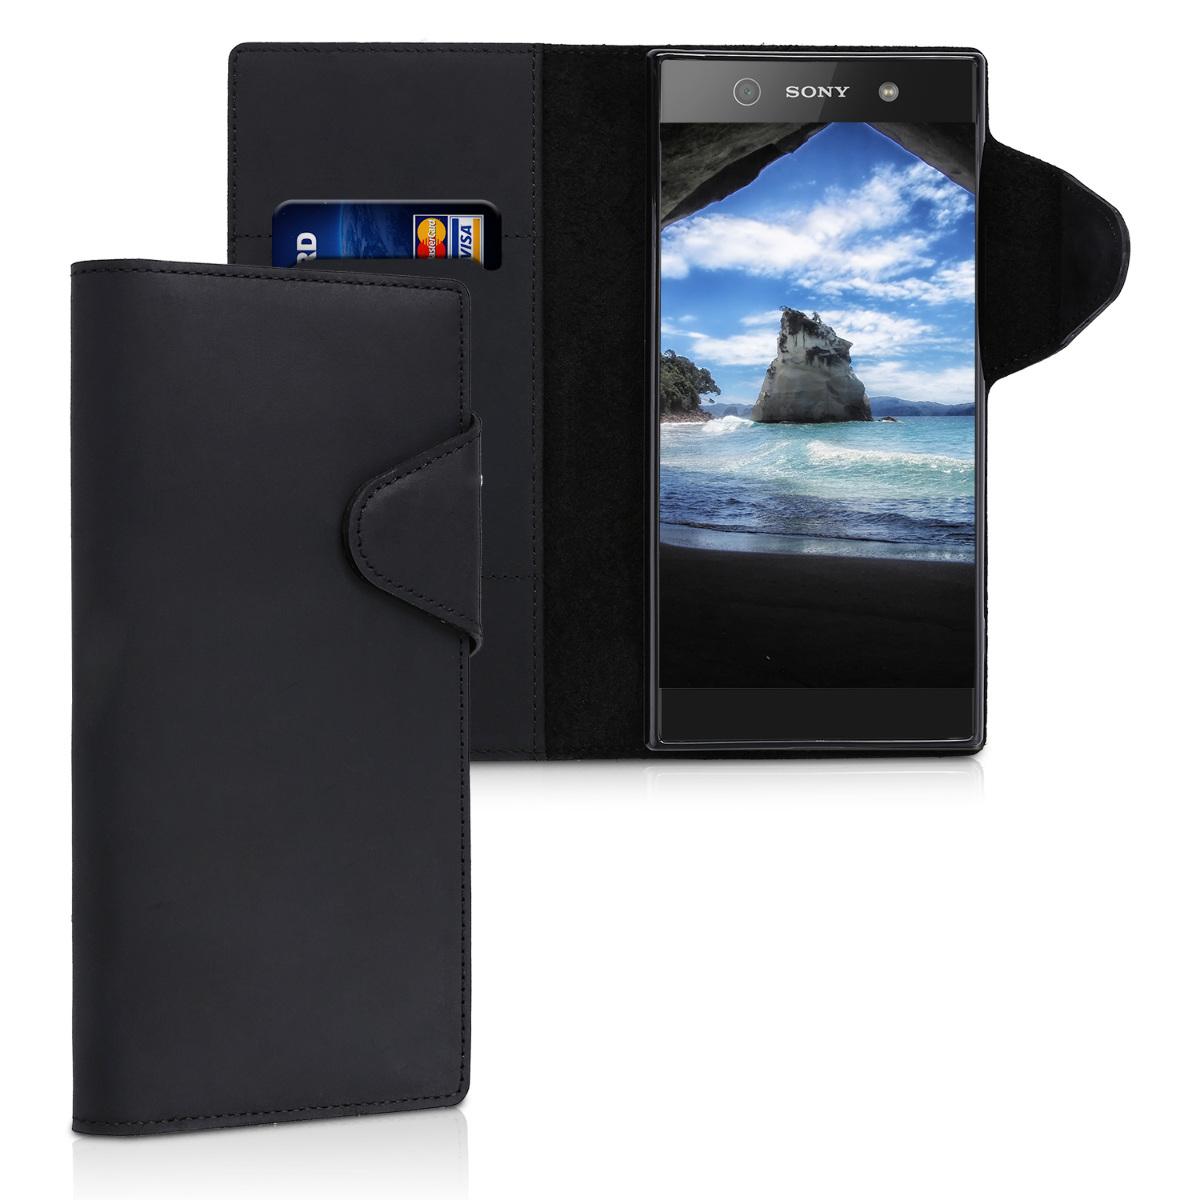 Kožené pouzdro | obal pro Sony Xperia XA1 Ultra - černé